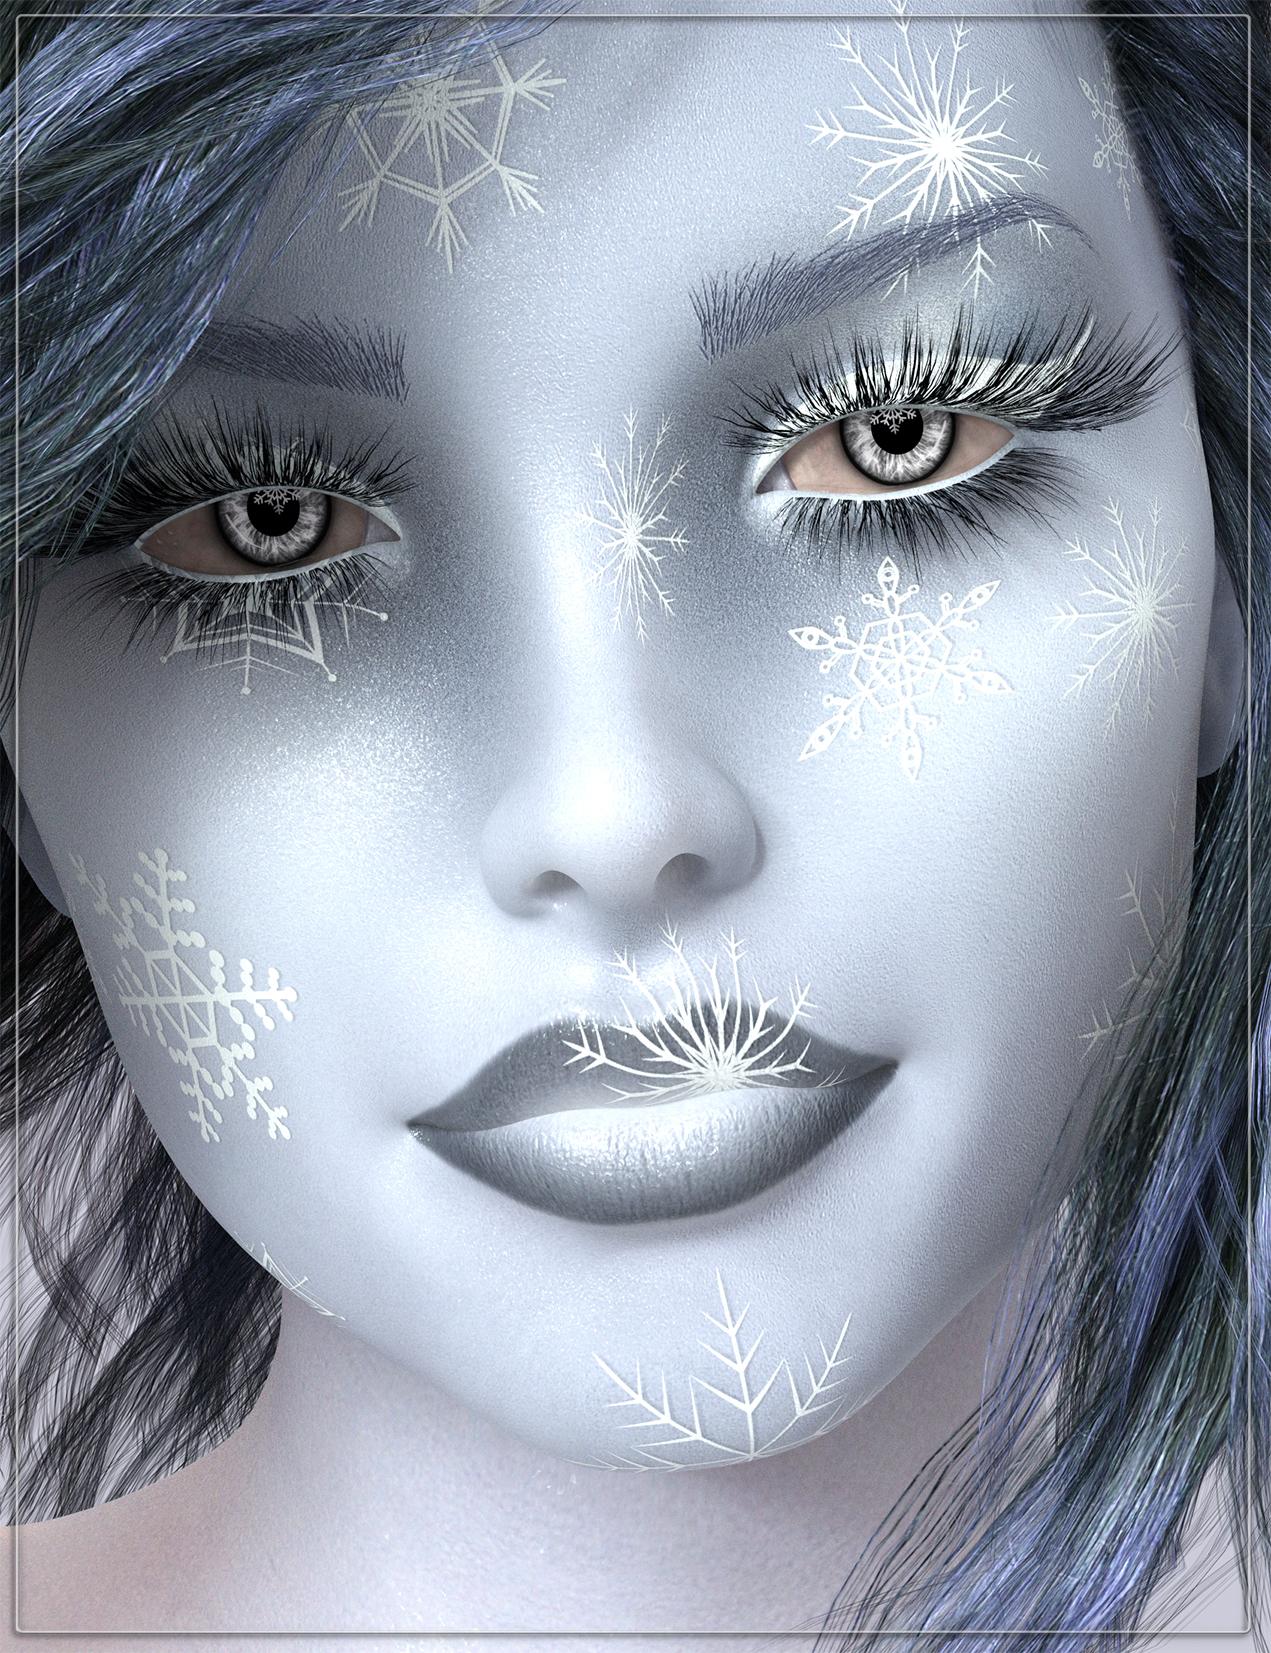 WinterEyesMe for Genesis 8 by: SpookieLilOne, 3D Models by Daz 3D